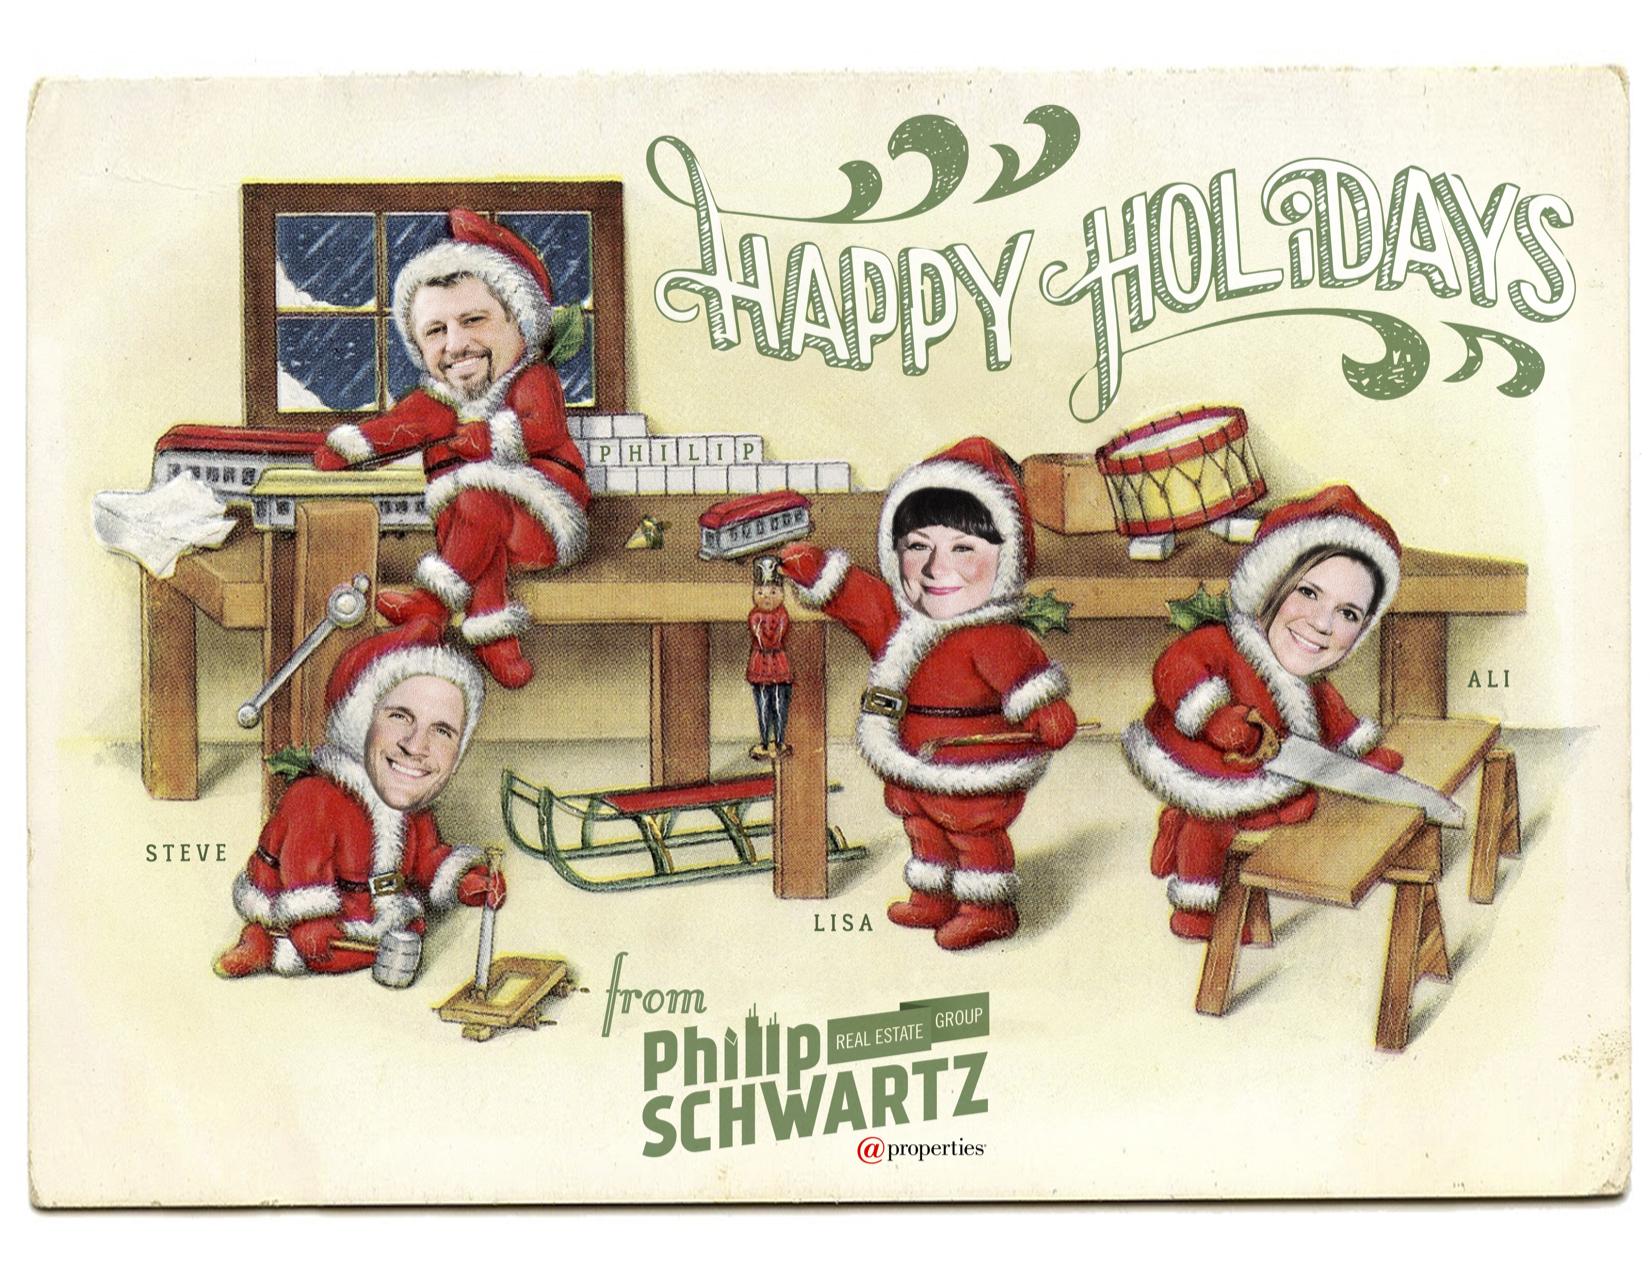 philip schwartz real estate